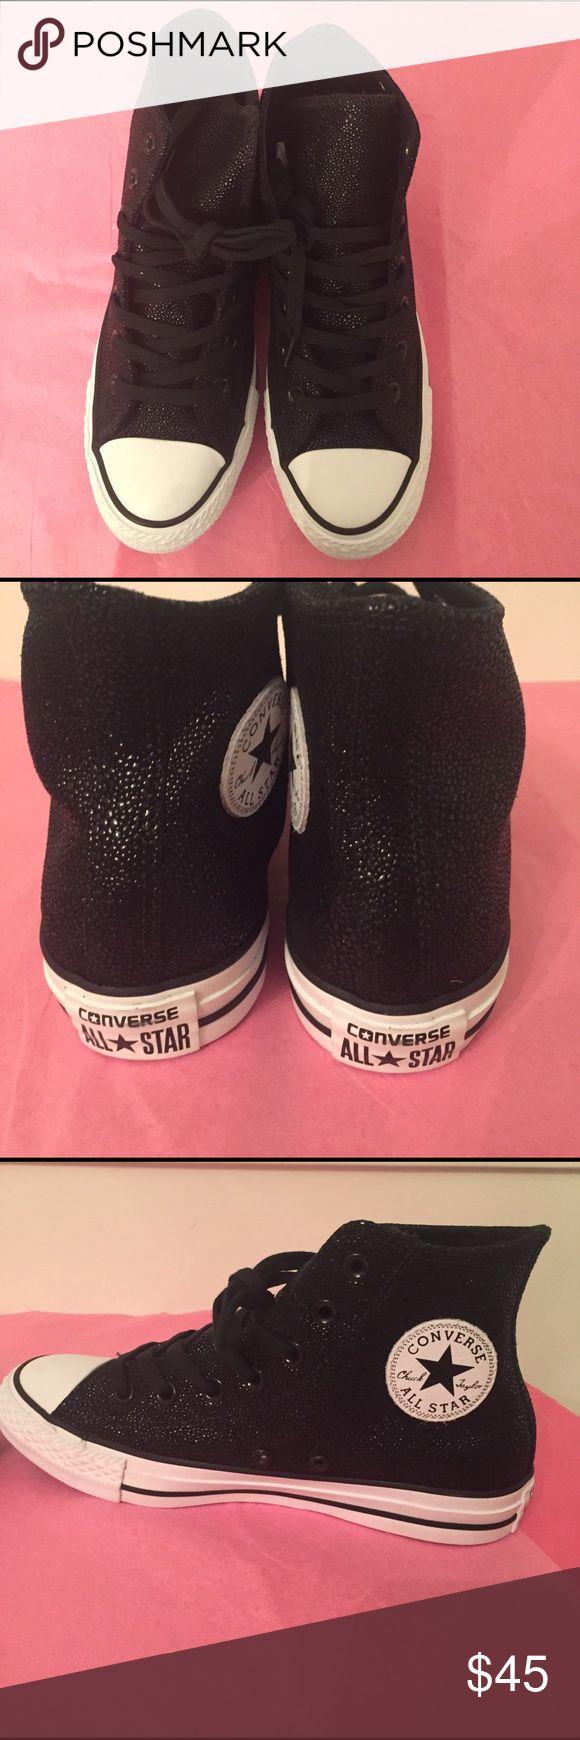 Sneakers Converse black metallic hi top sneakers Converse Shoes Sneakers